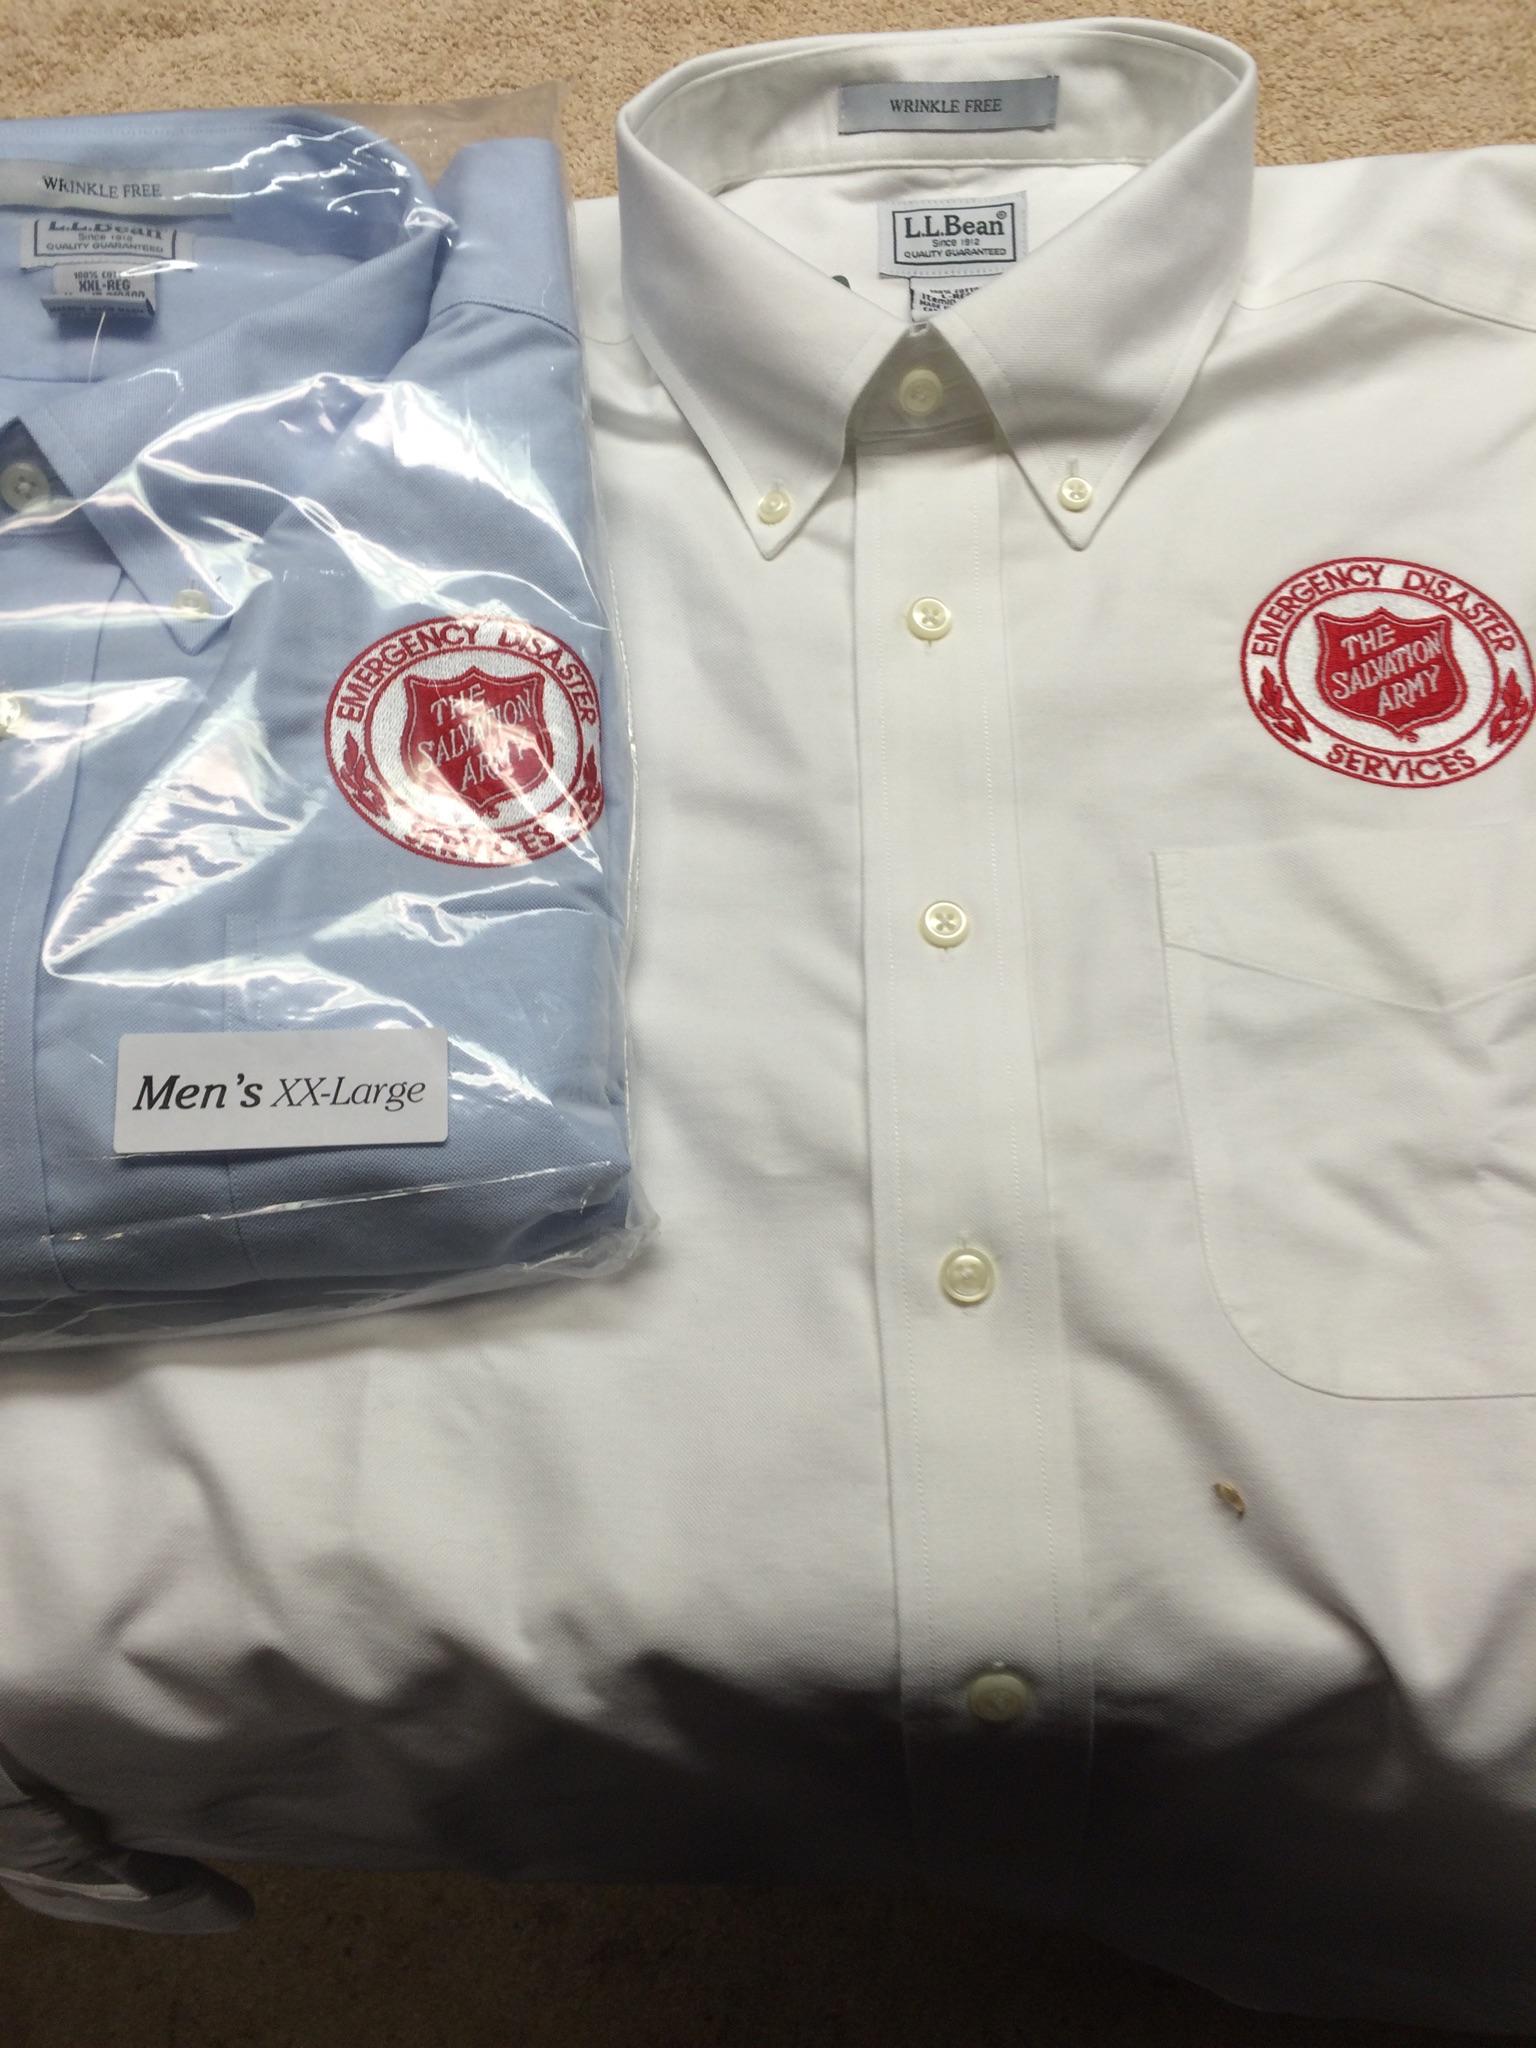 DRESS SHIRT, L.L. Bean, Long Sleeve, w/EDS Embroidered Emblem